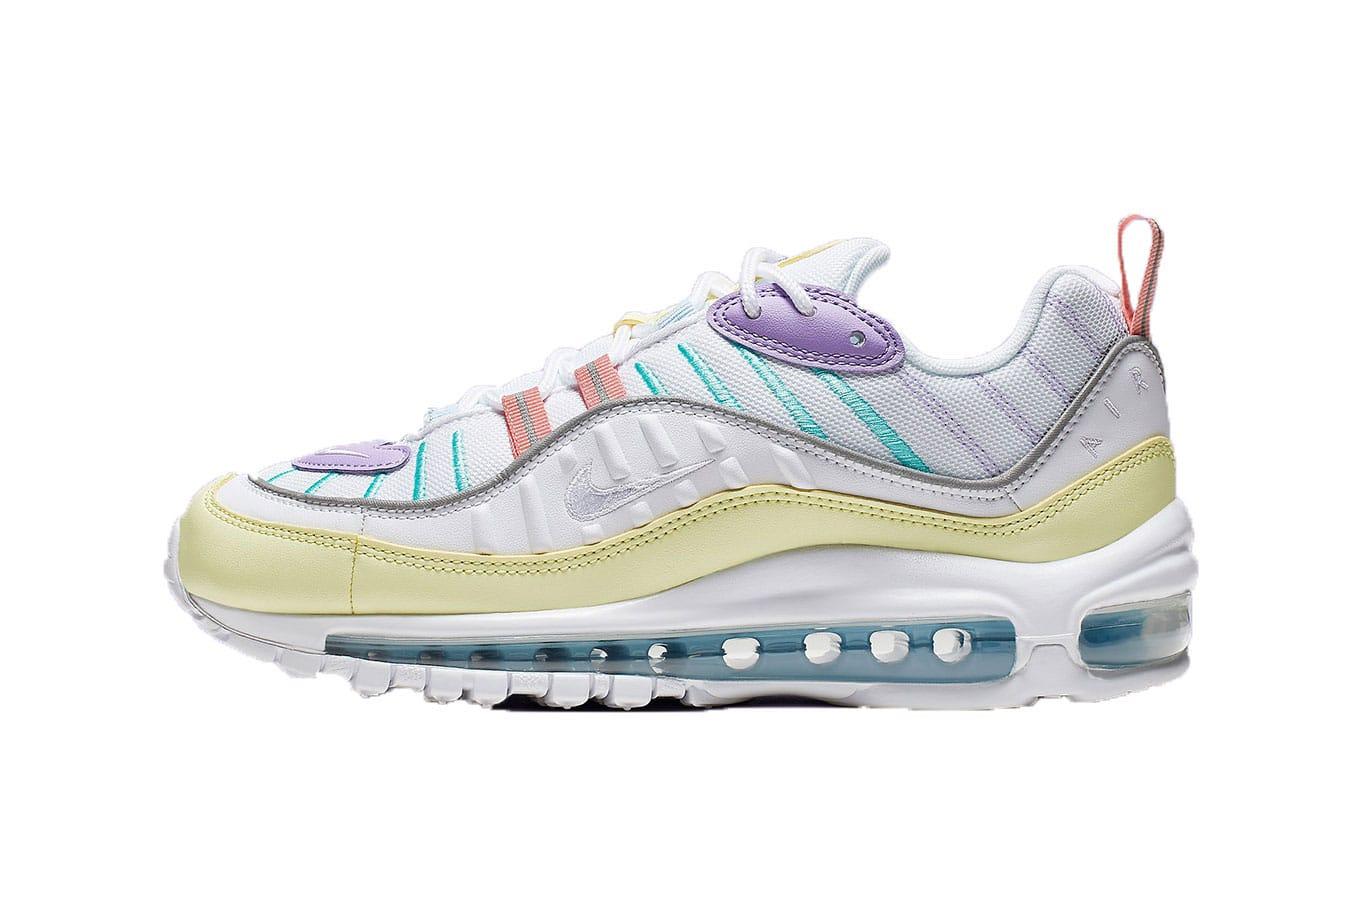 Nike's Air Max 98 \